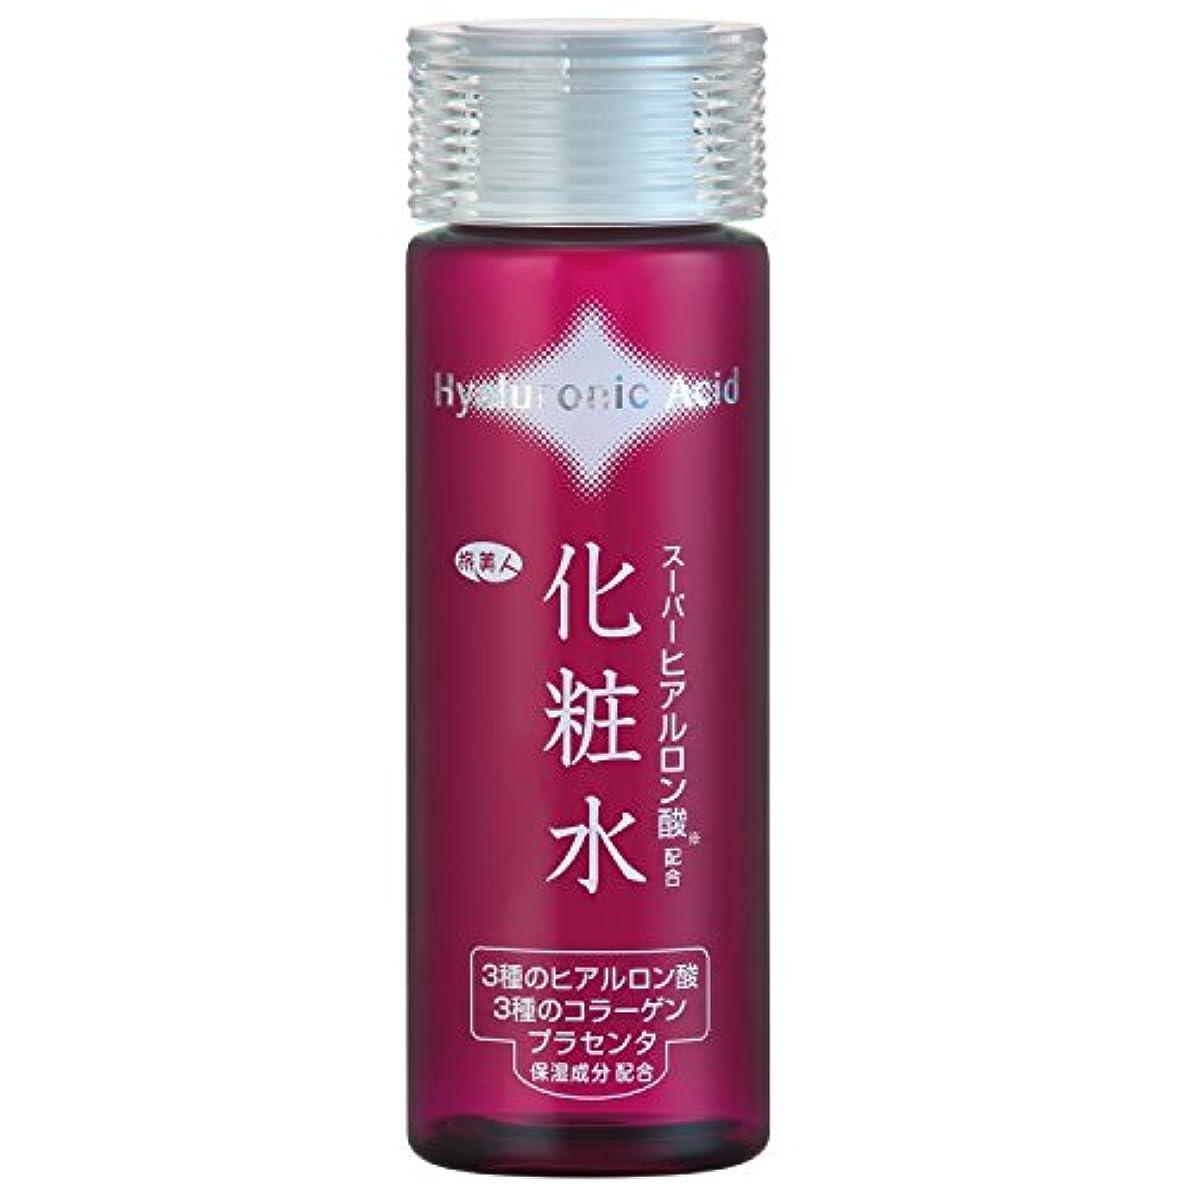 よろめく表面キャプテンブライアズマ商事のスーパーヒアルロン酸配合化粧水